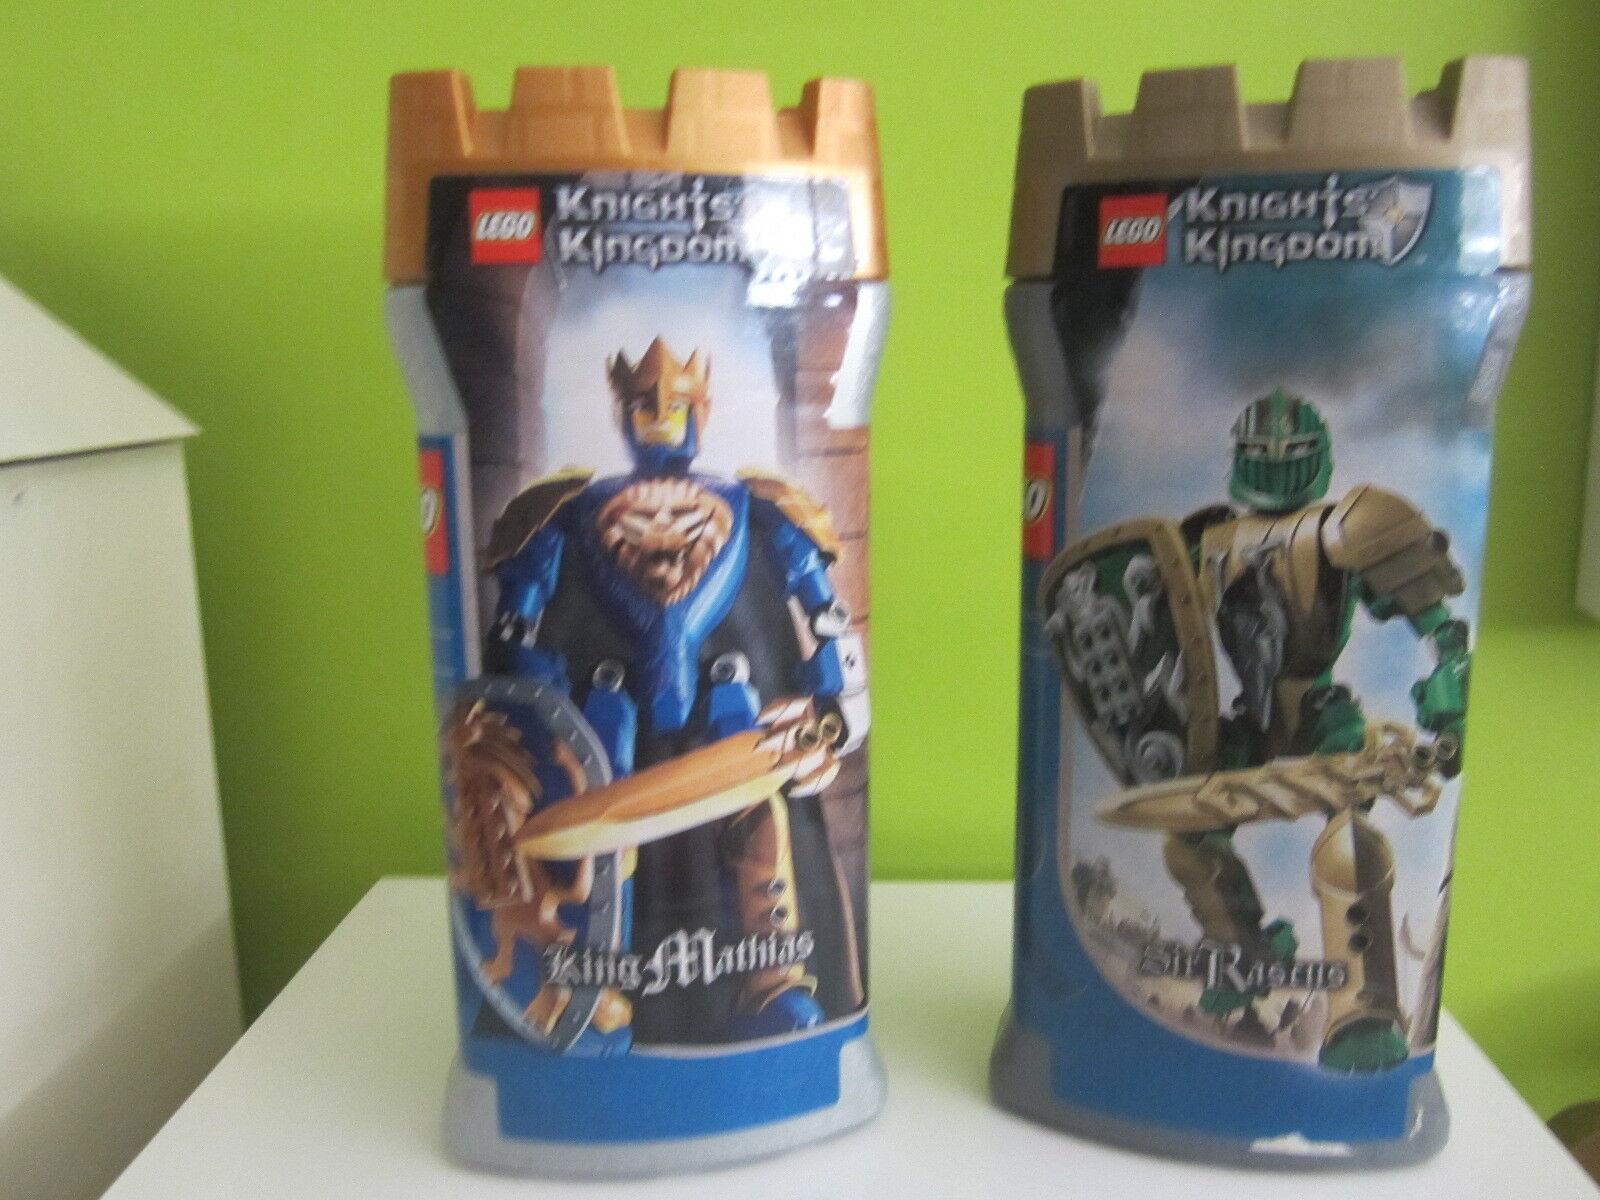 LOTE LEGO 8793 Y 8796 KNIGHTS AND KINDOM SIR RASCUS Y KING MATHIAS